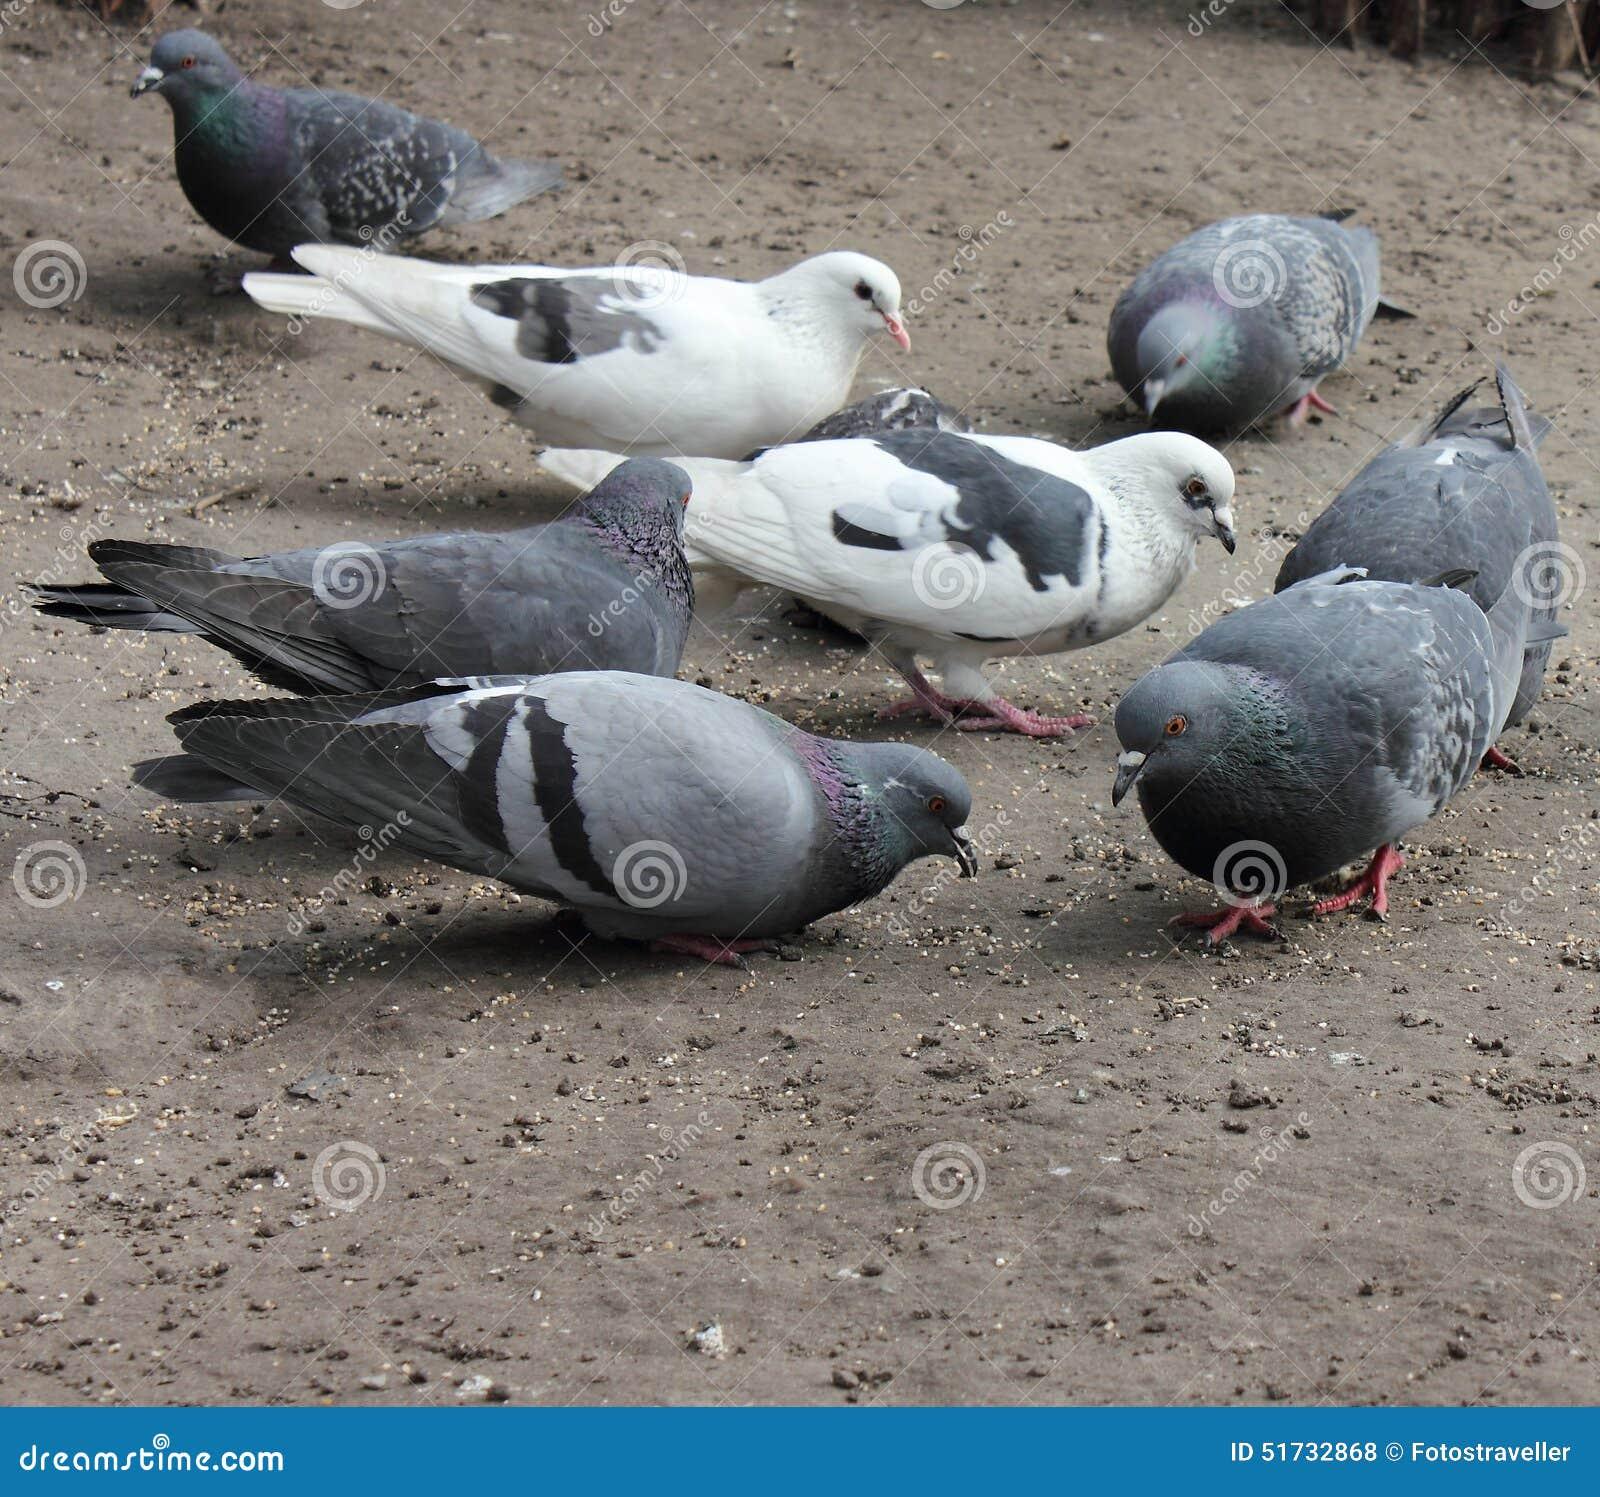 Pigeons pecking grain. Doves